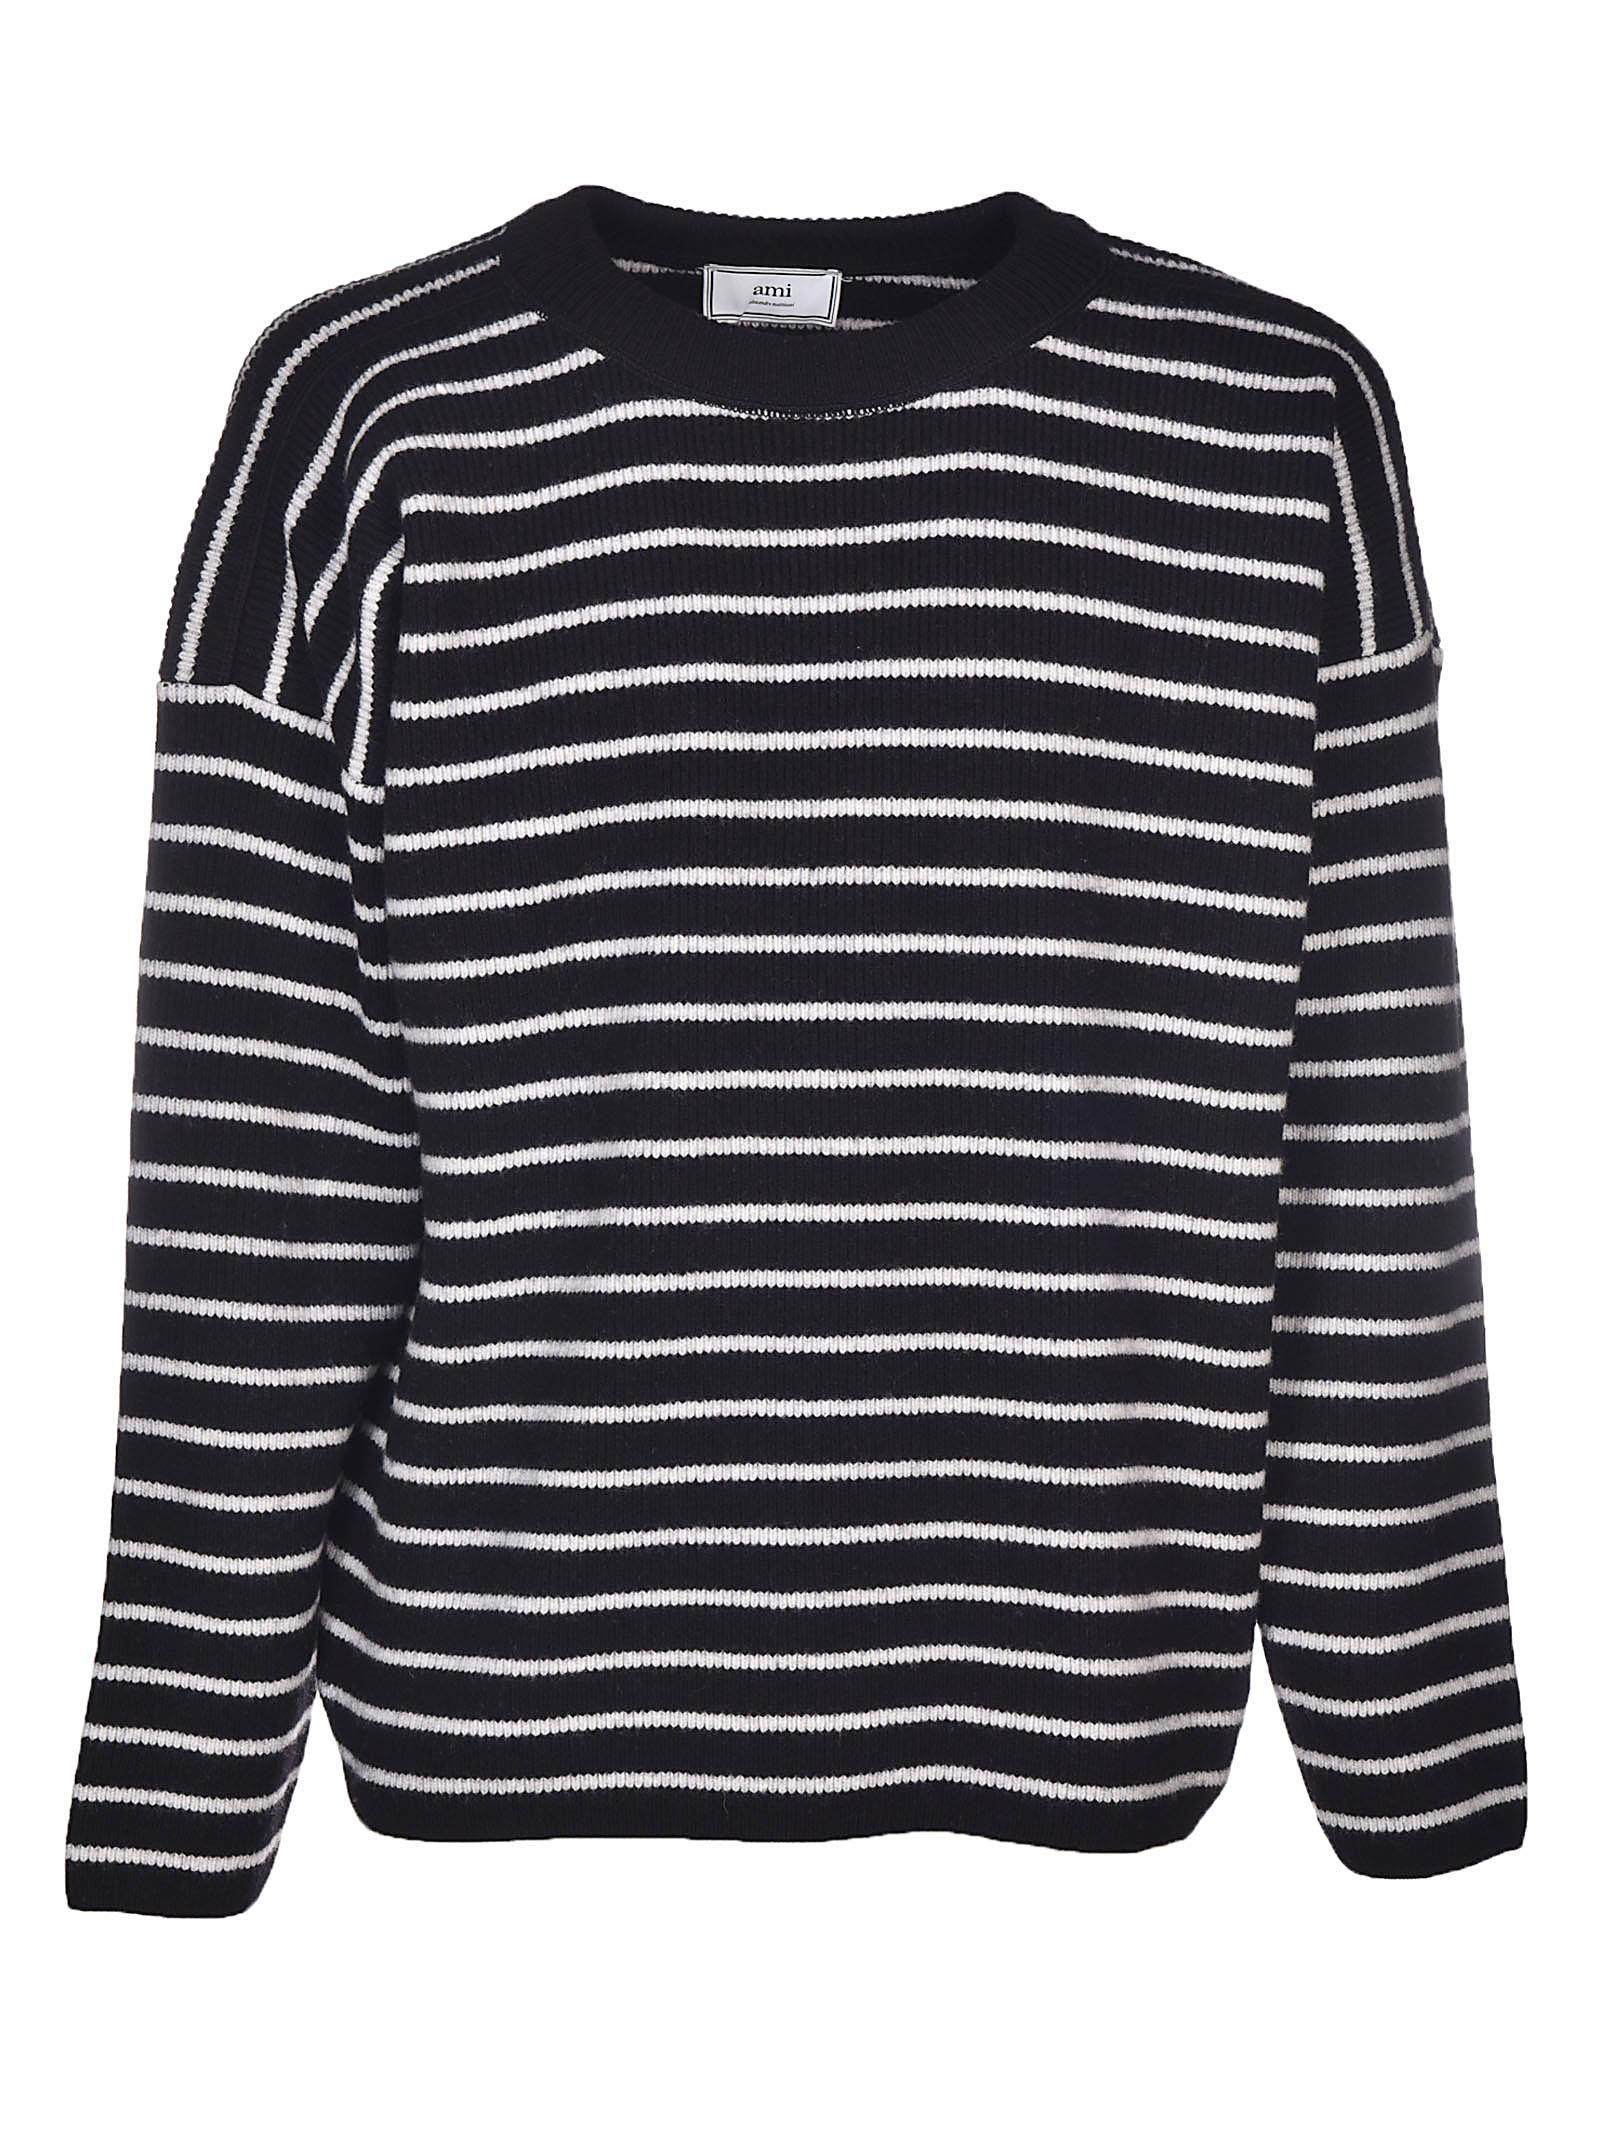 Ami Alexandre Mattiussi Oversized Crew Neck Sweater In Black White